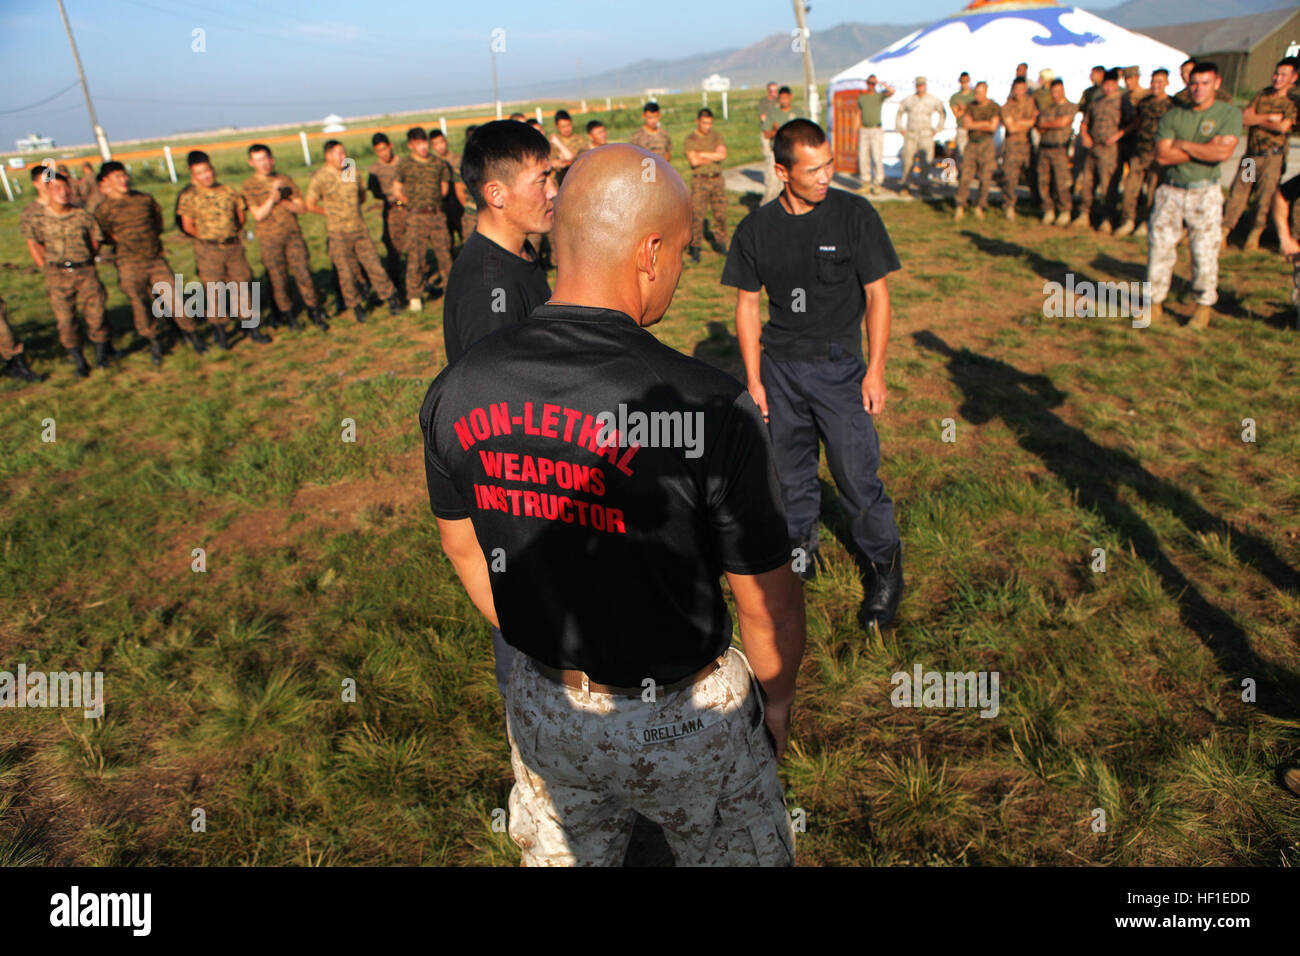 Las armas no letales a los instructores encargados de hacer cumplir la ley, 3er Batallón del Cuartel General de Foto de stock